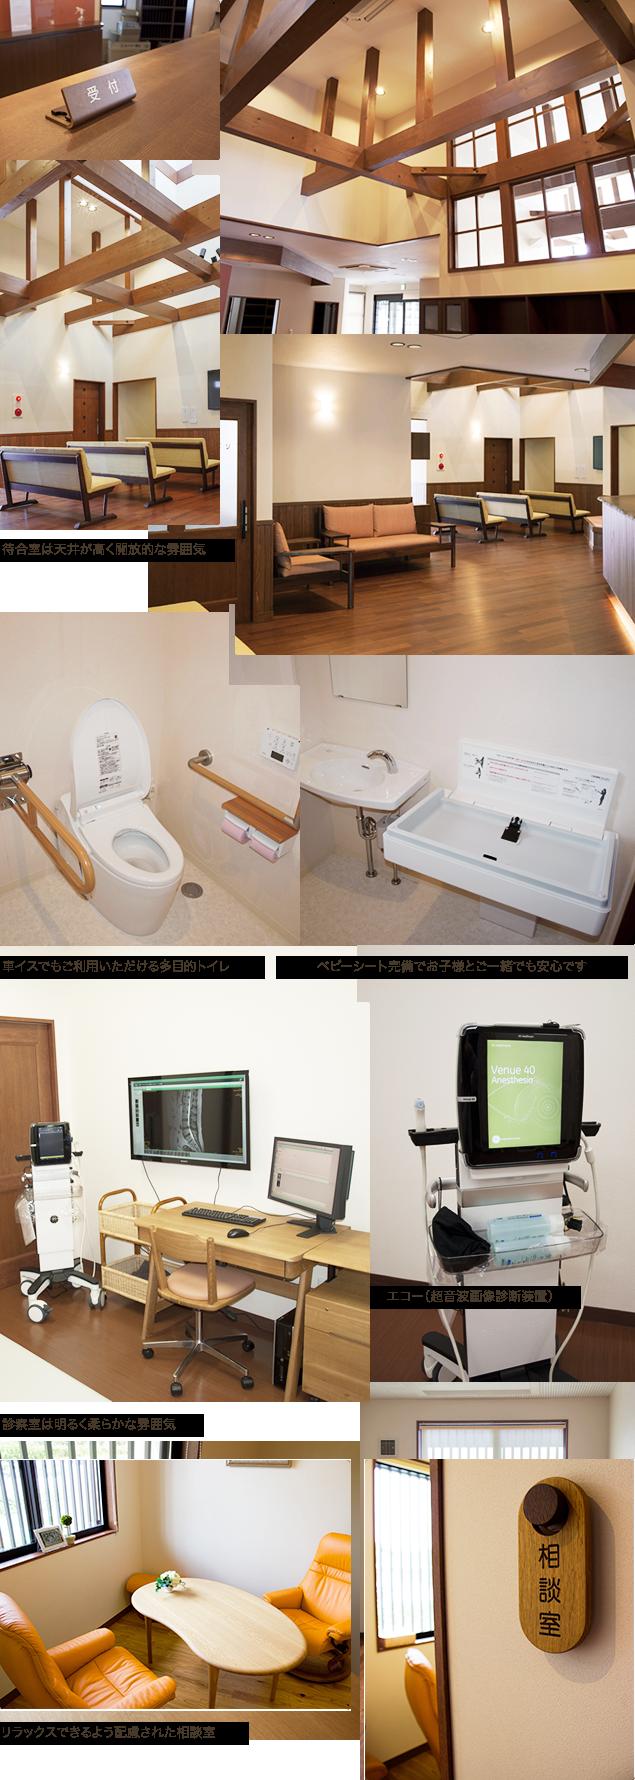 ひだ高山整形外科施設イメージ 待合室・トイレ・診察室・相談室・エコー